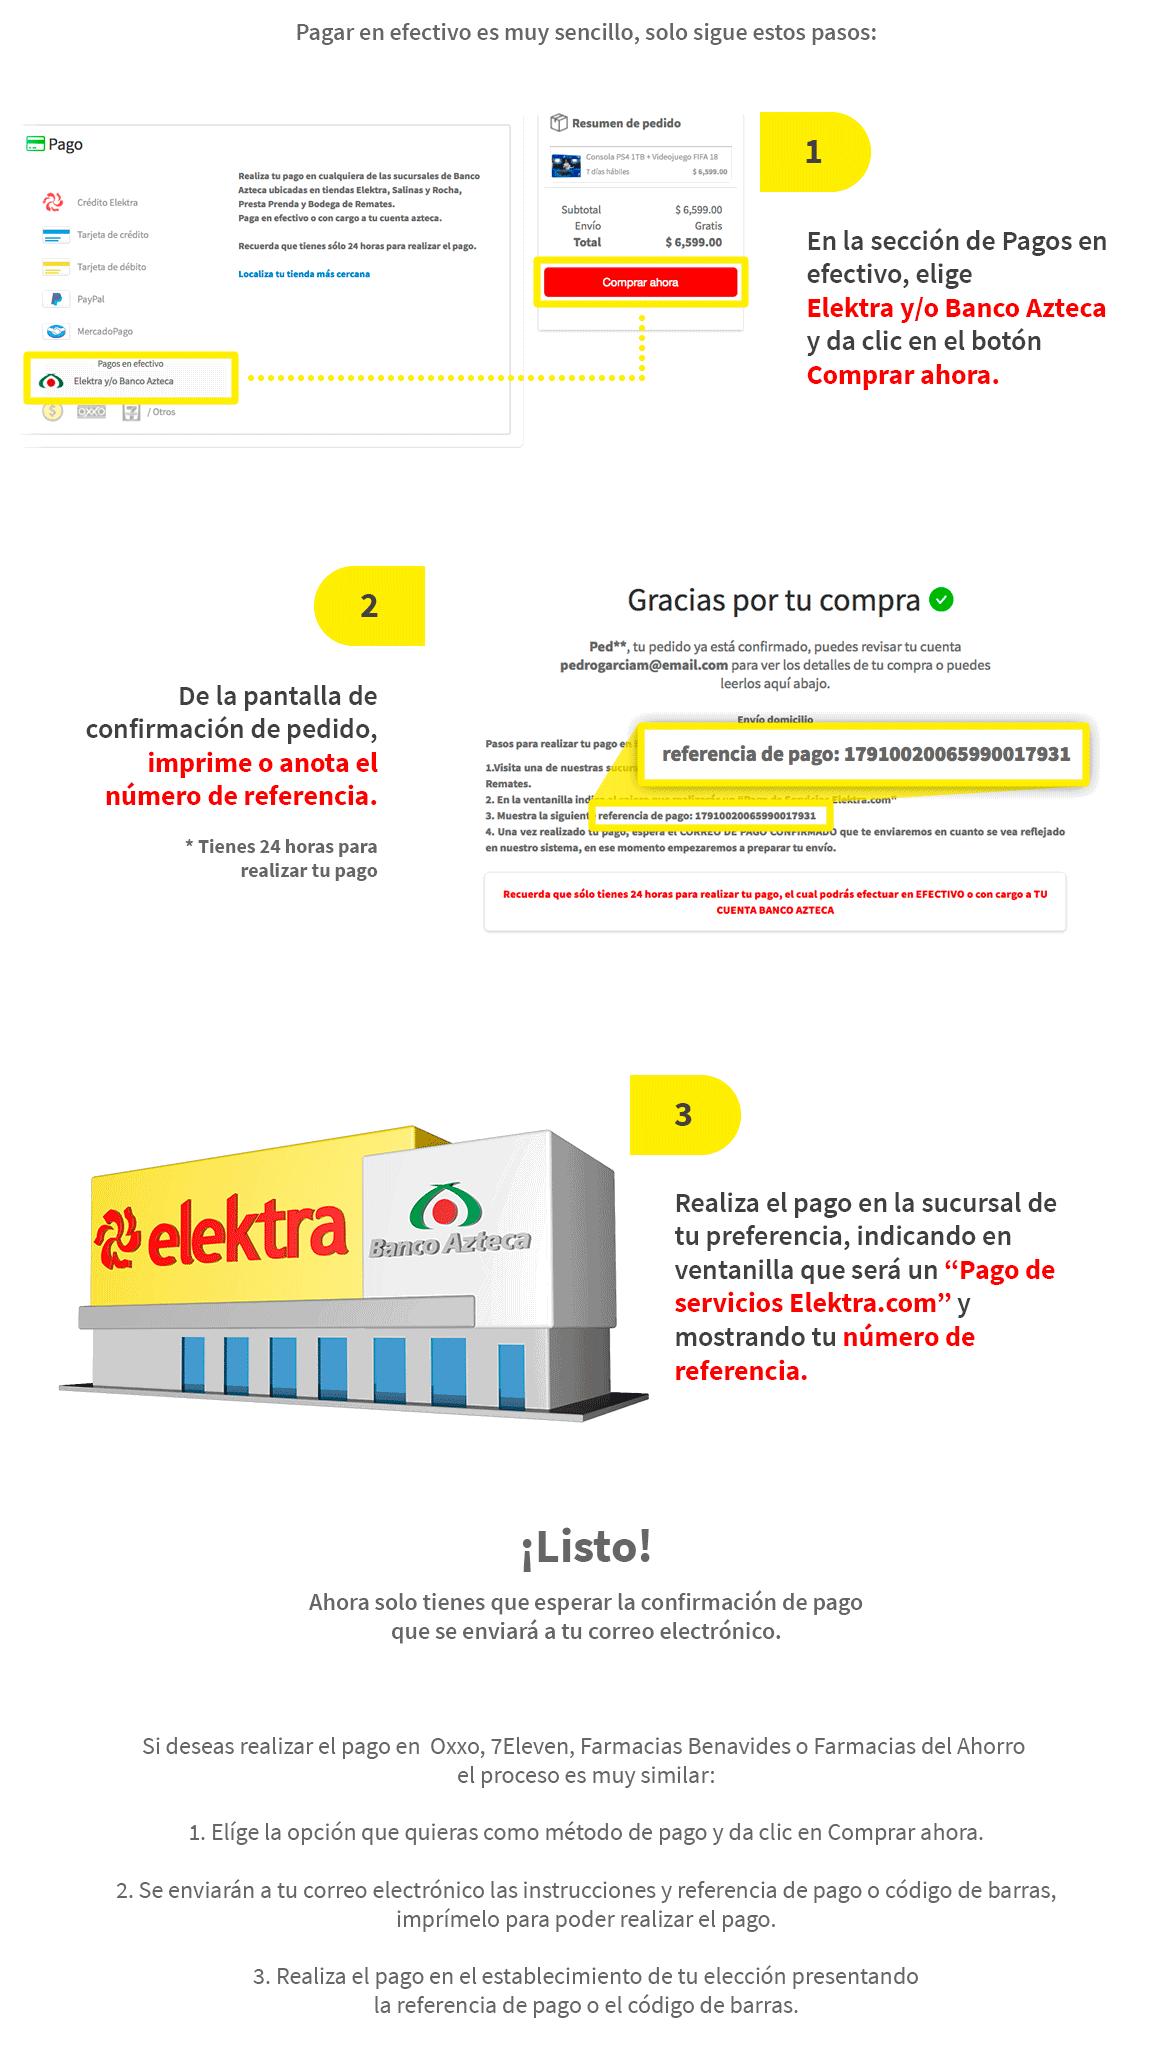 Paga con Efectivo en Sucursales de Elektra y Banco Azteca